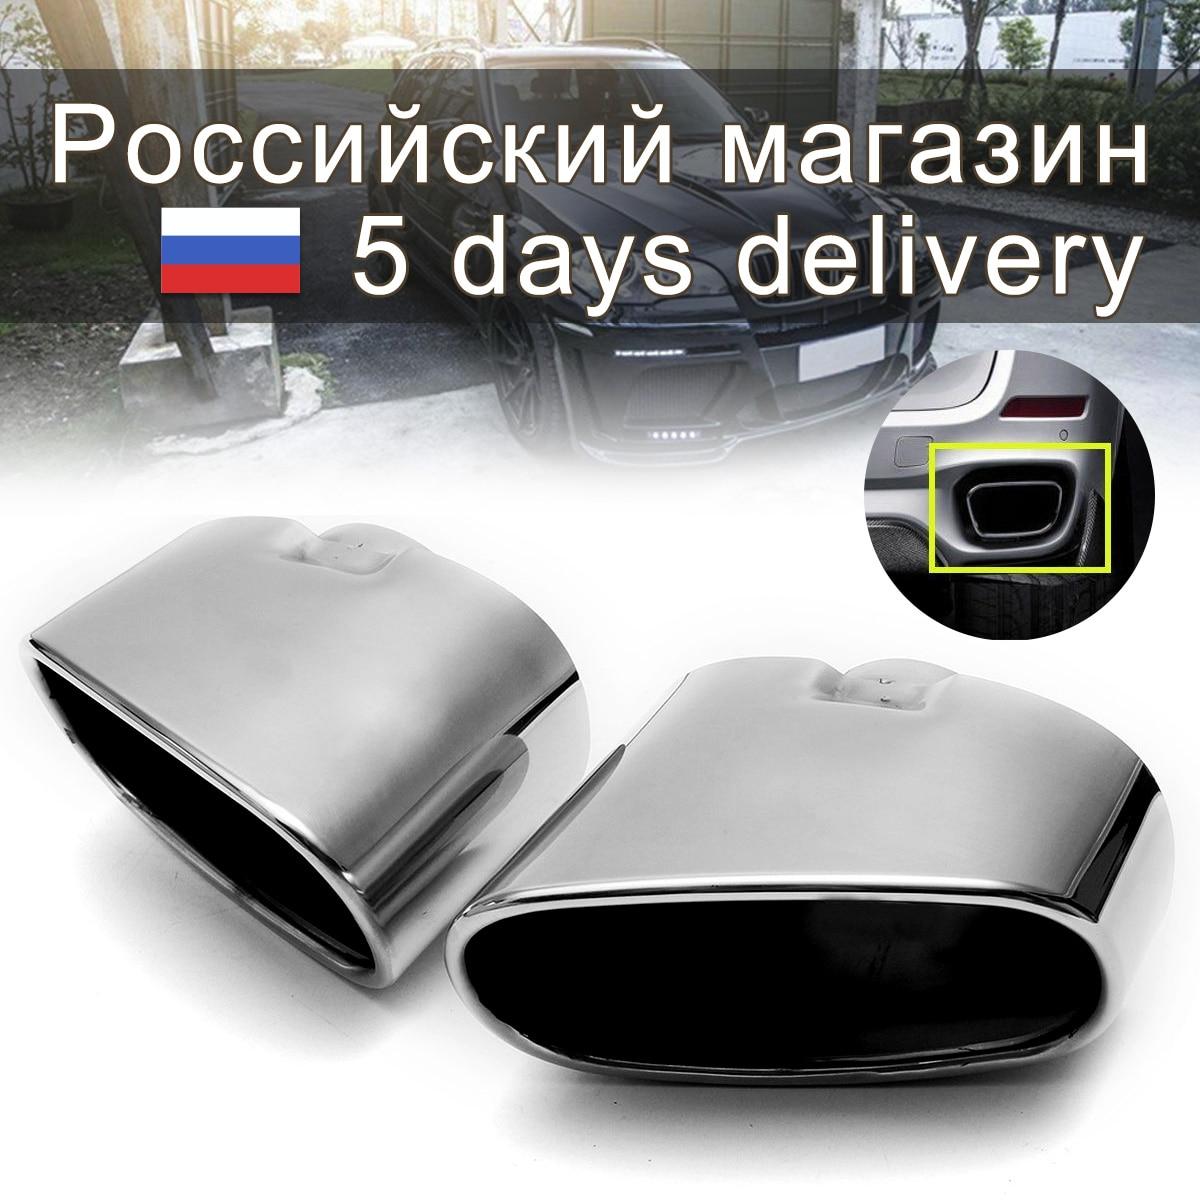 페어 크롬 배기 듀얼 테일 파이프 머플러 팁 스테인레스 스틸 BMW X5 E70 2008 2009 2010 2011 2012 2013 자동차 액세서리